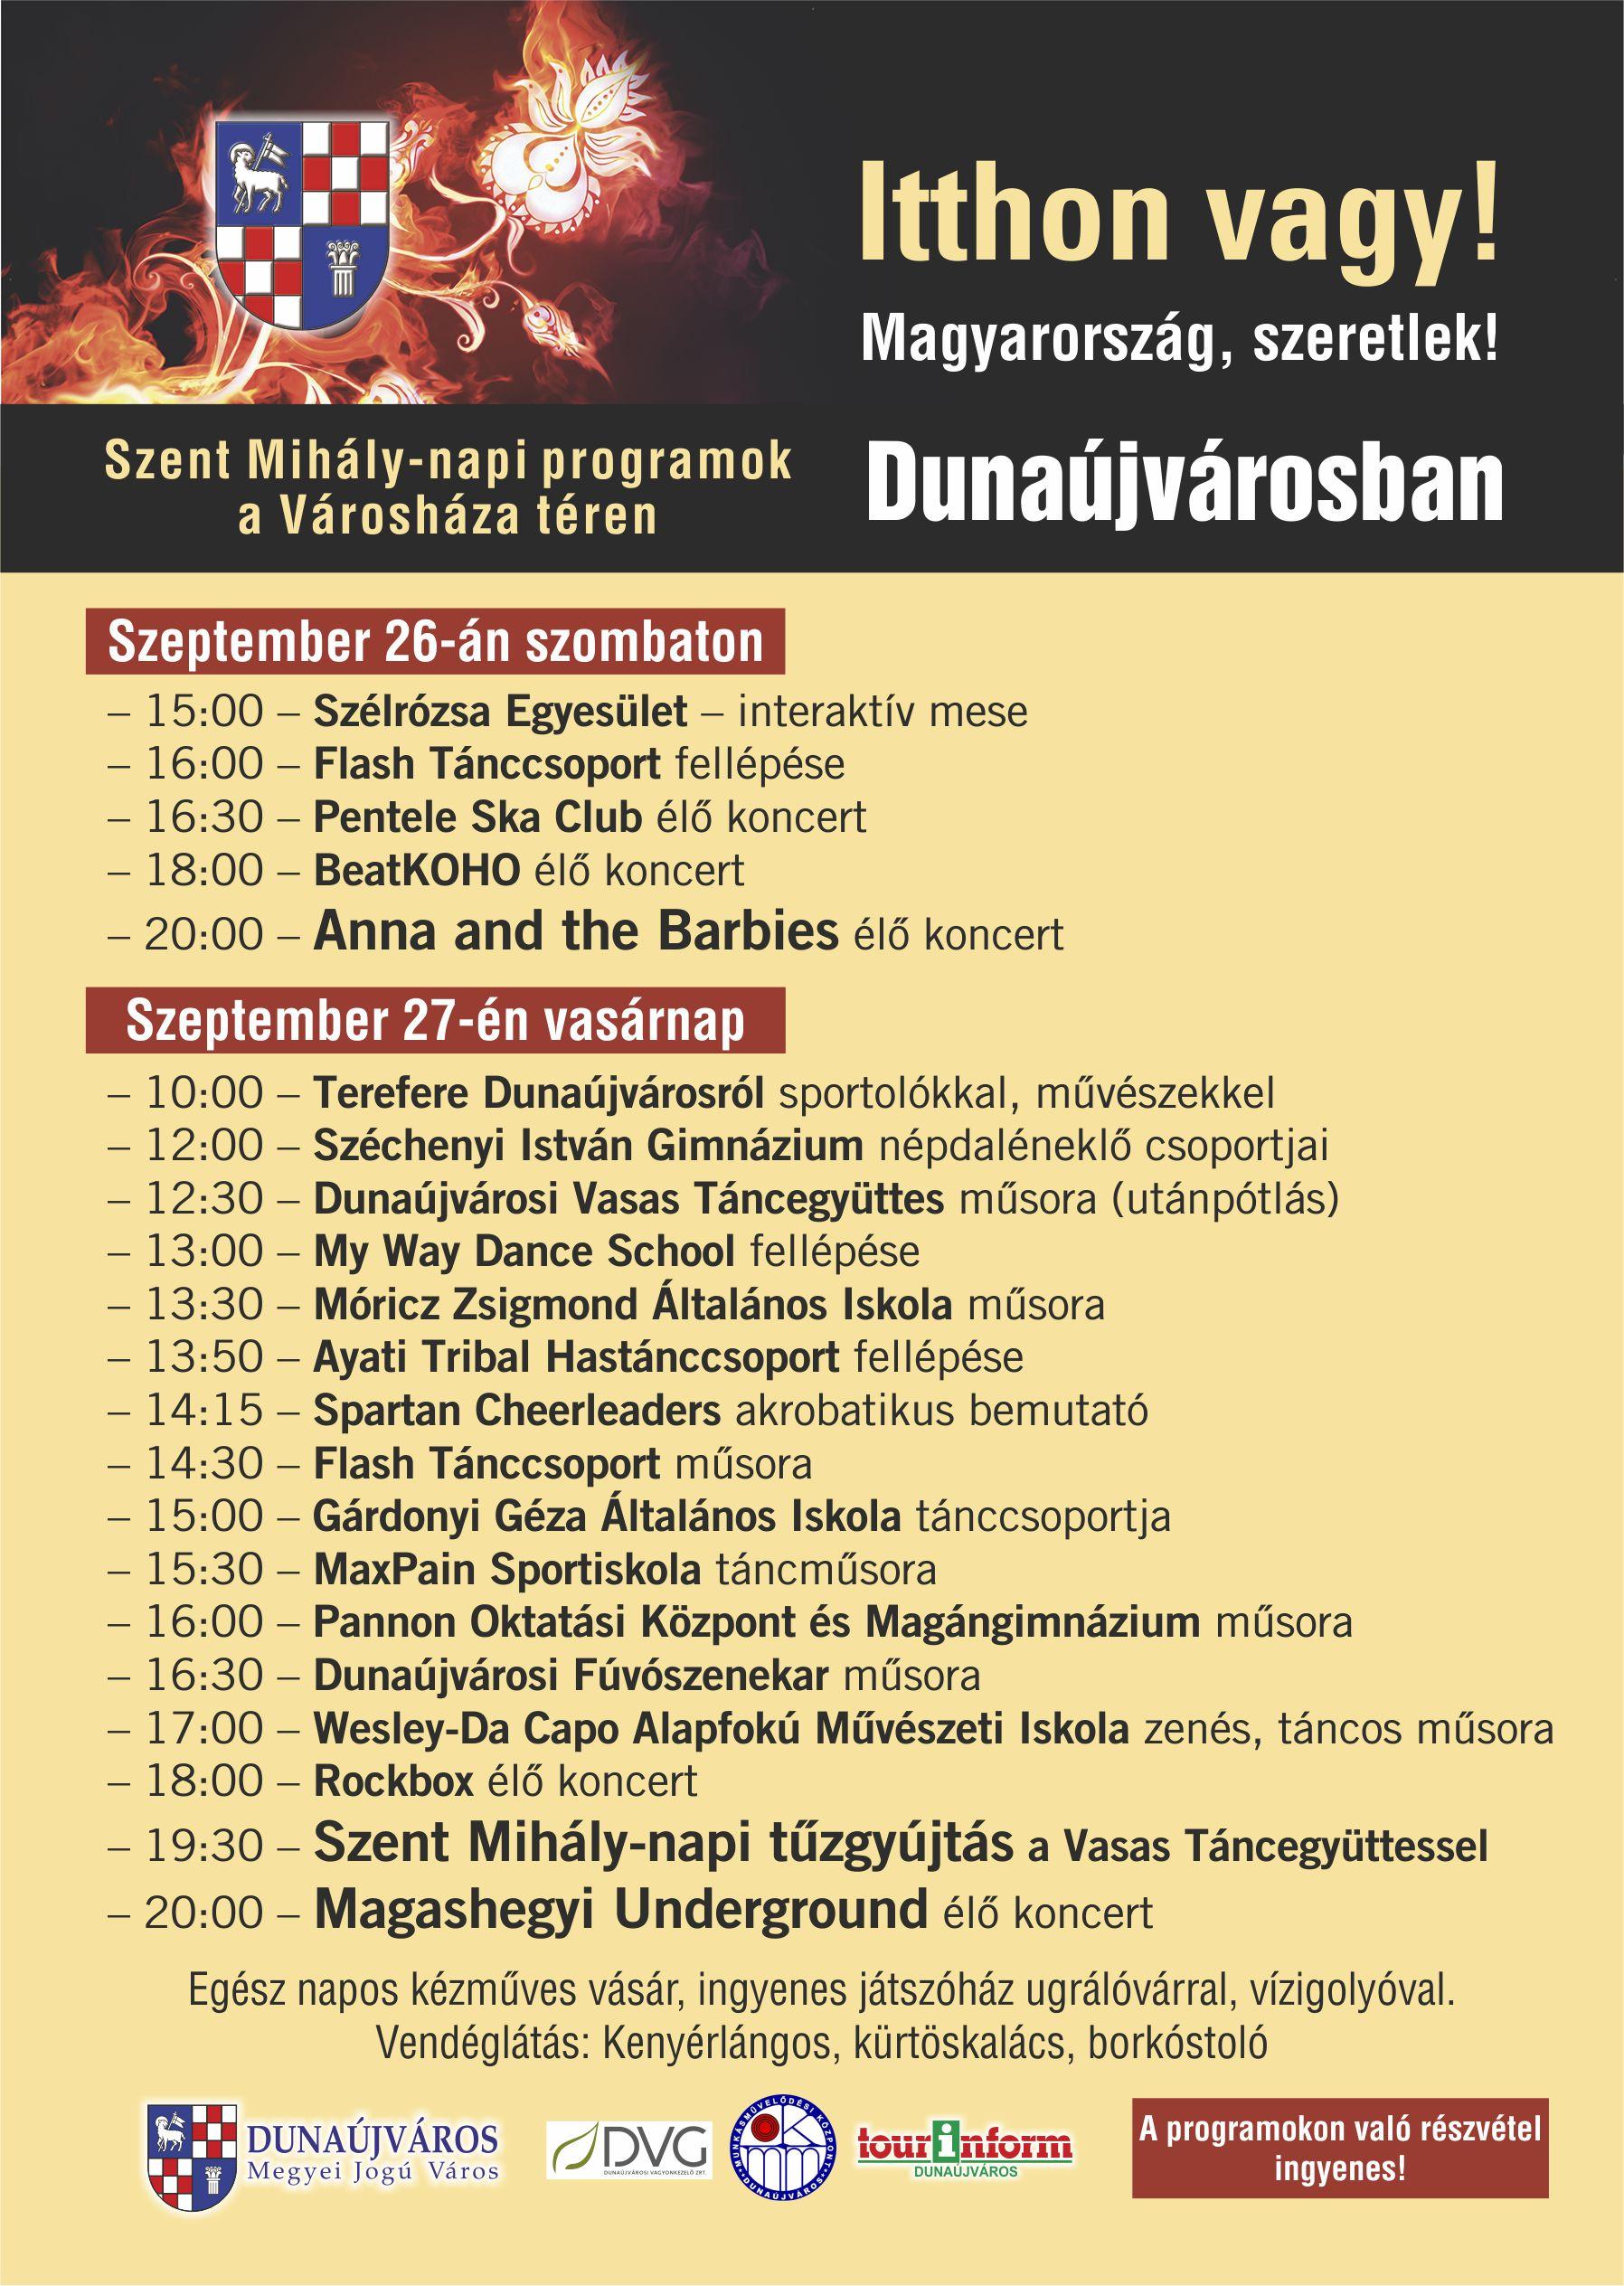 Magyarország Szeretlek! - Kétnapos rendezvény a Városháza téren!